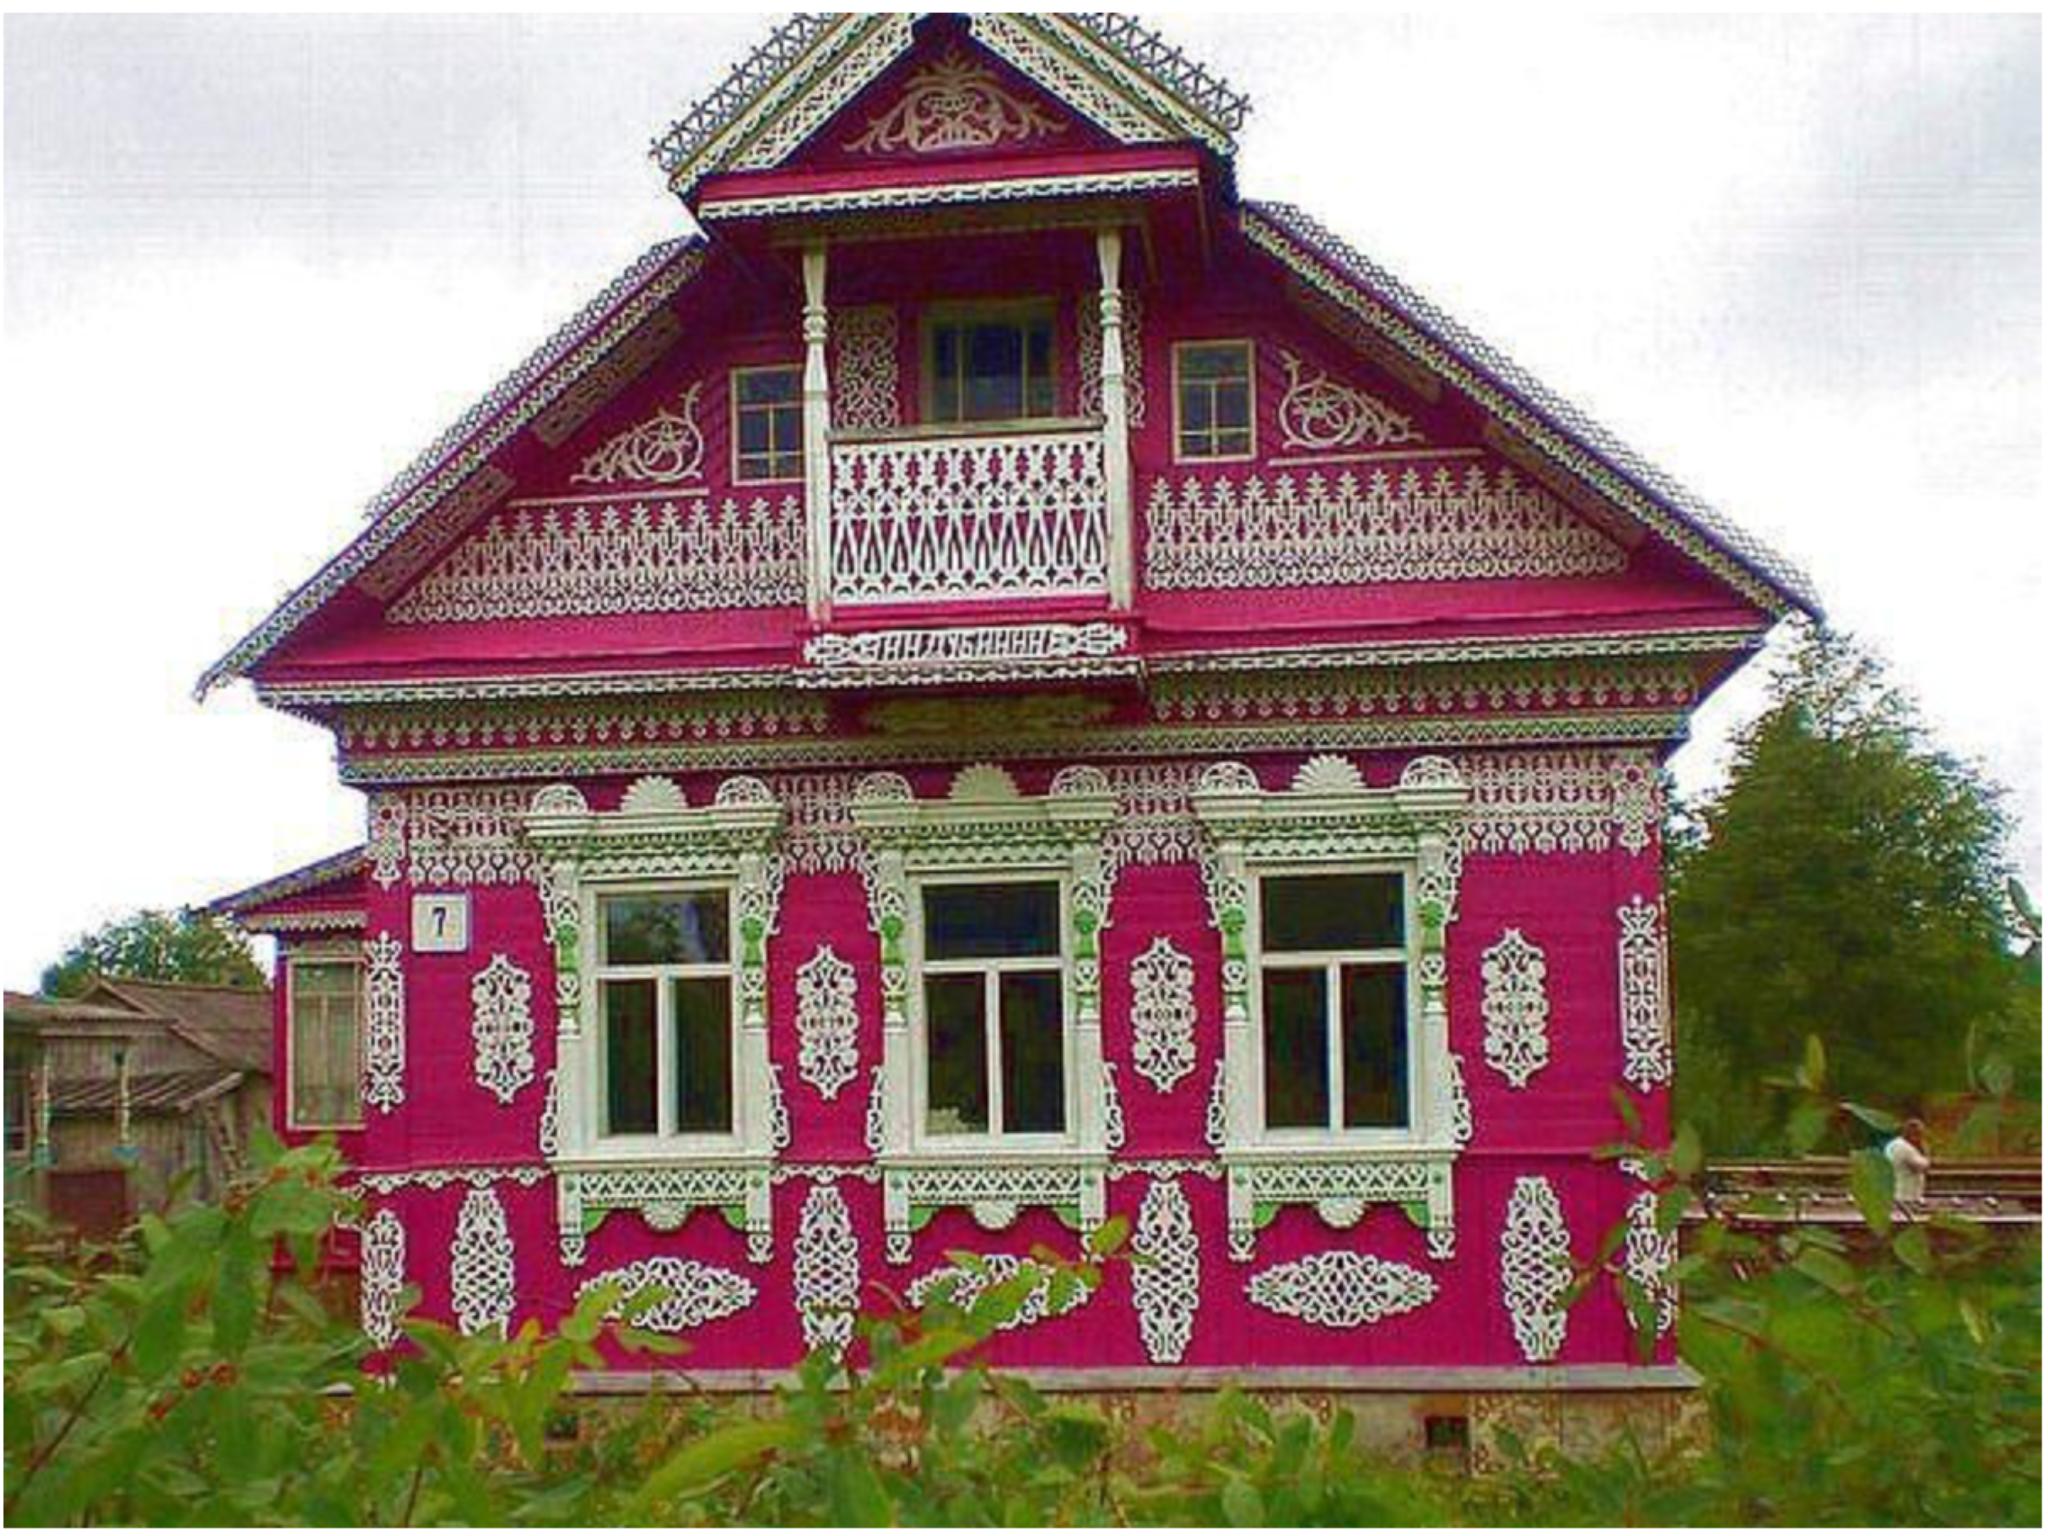 решила картинки деревянного деревенского дома раме нет трефы